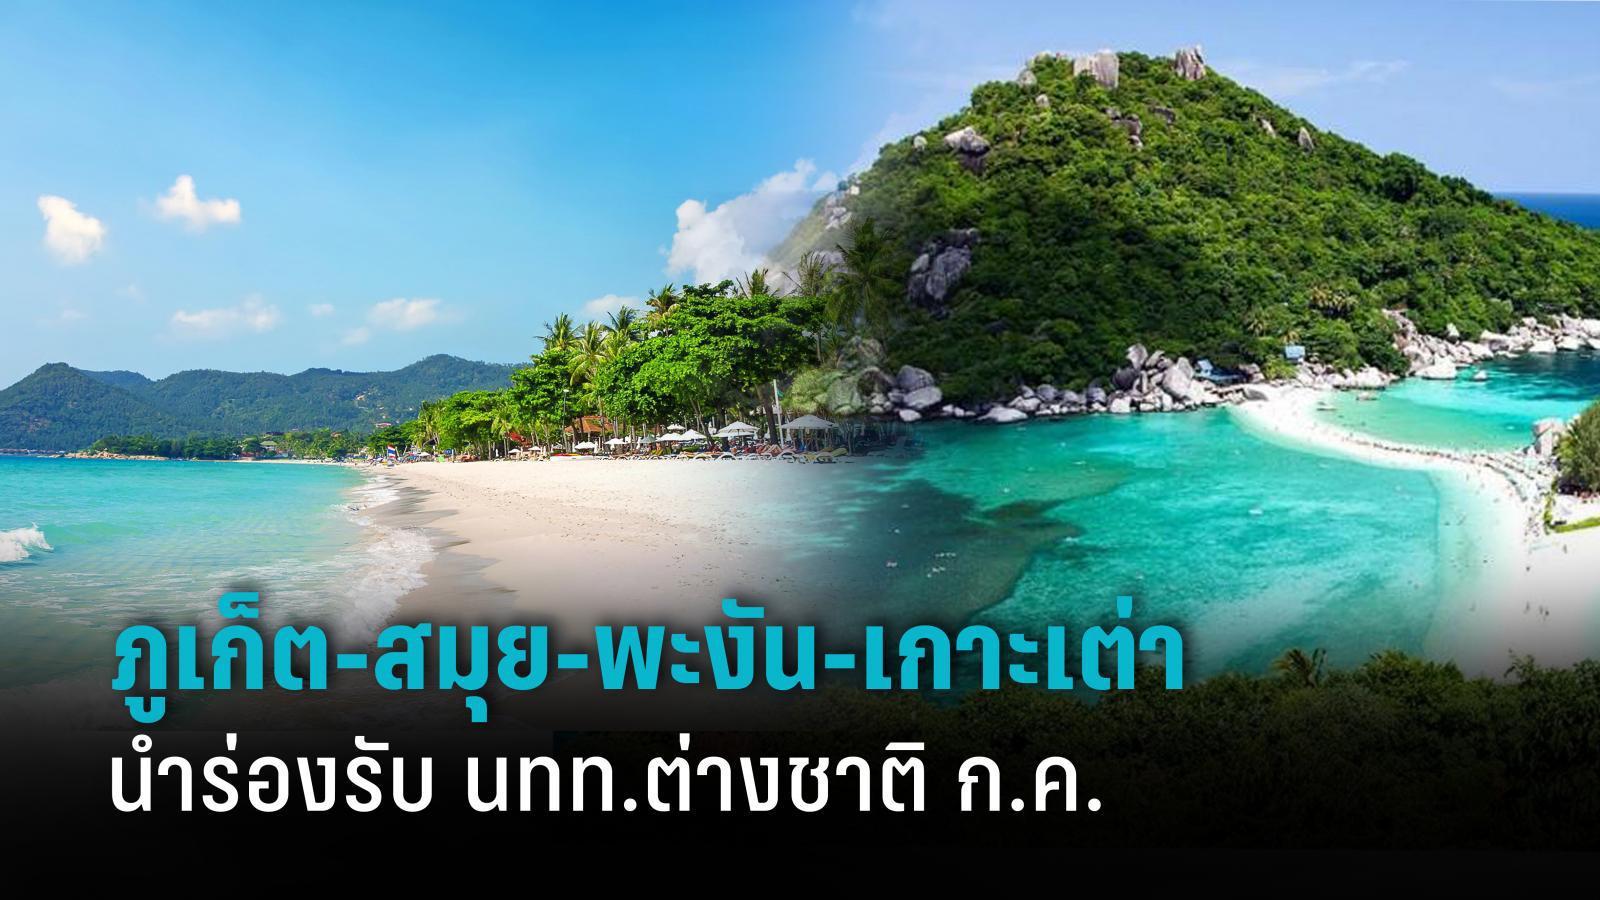 ภูเก็ต-สมุย-พะงัน-เกาะเต่า นำร่องรับ นทท.ต่างชาติ  ก.ค.นี้